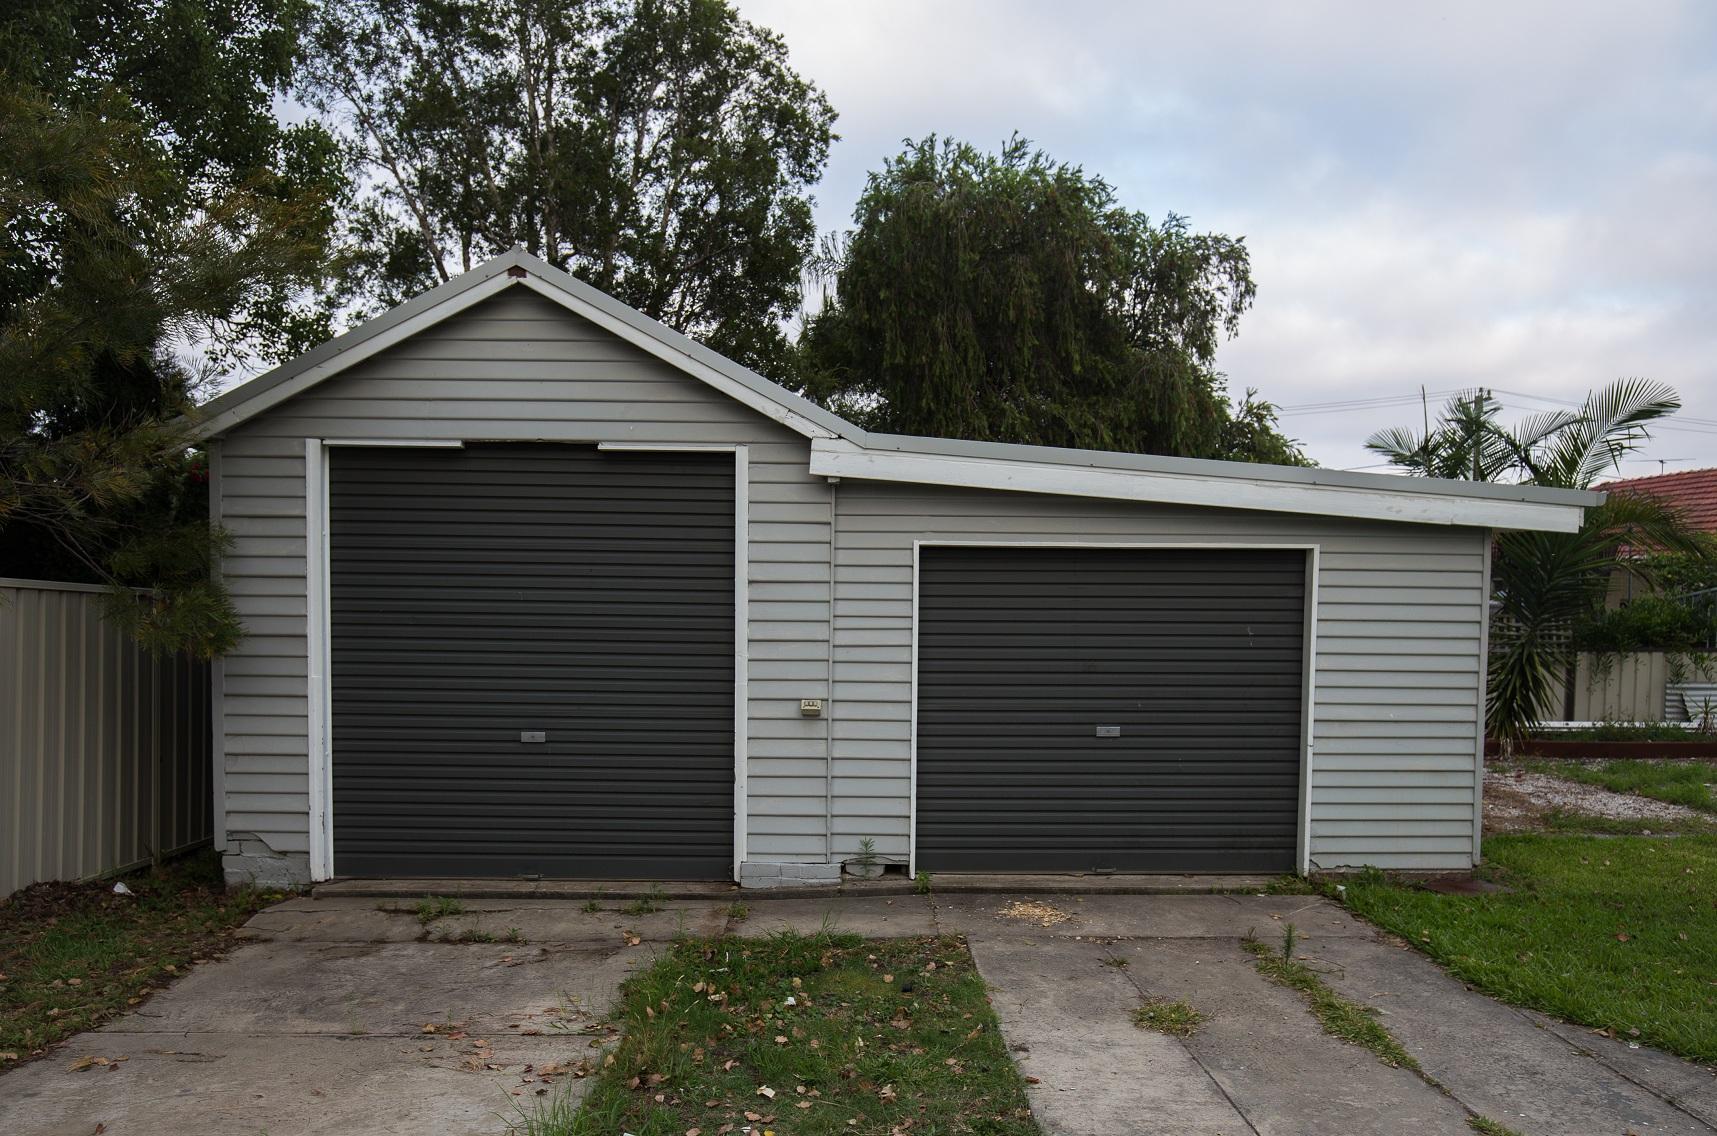 Erre figyelj, ha a garázskapu redőnyének nyílását méred!